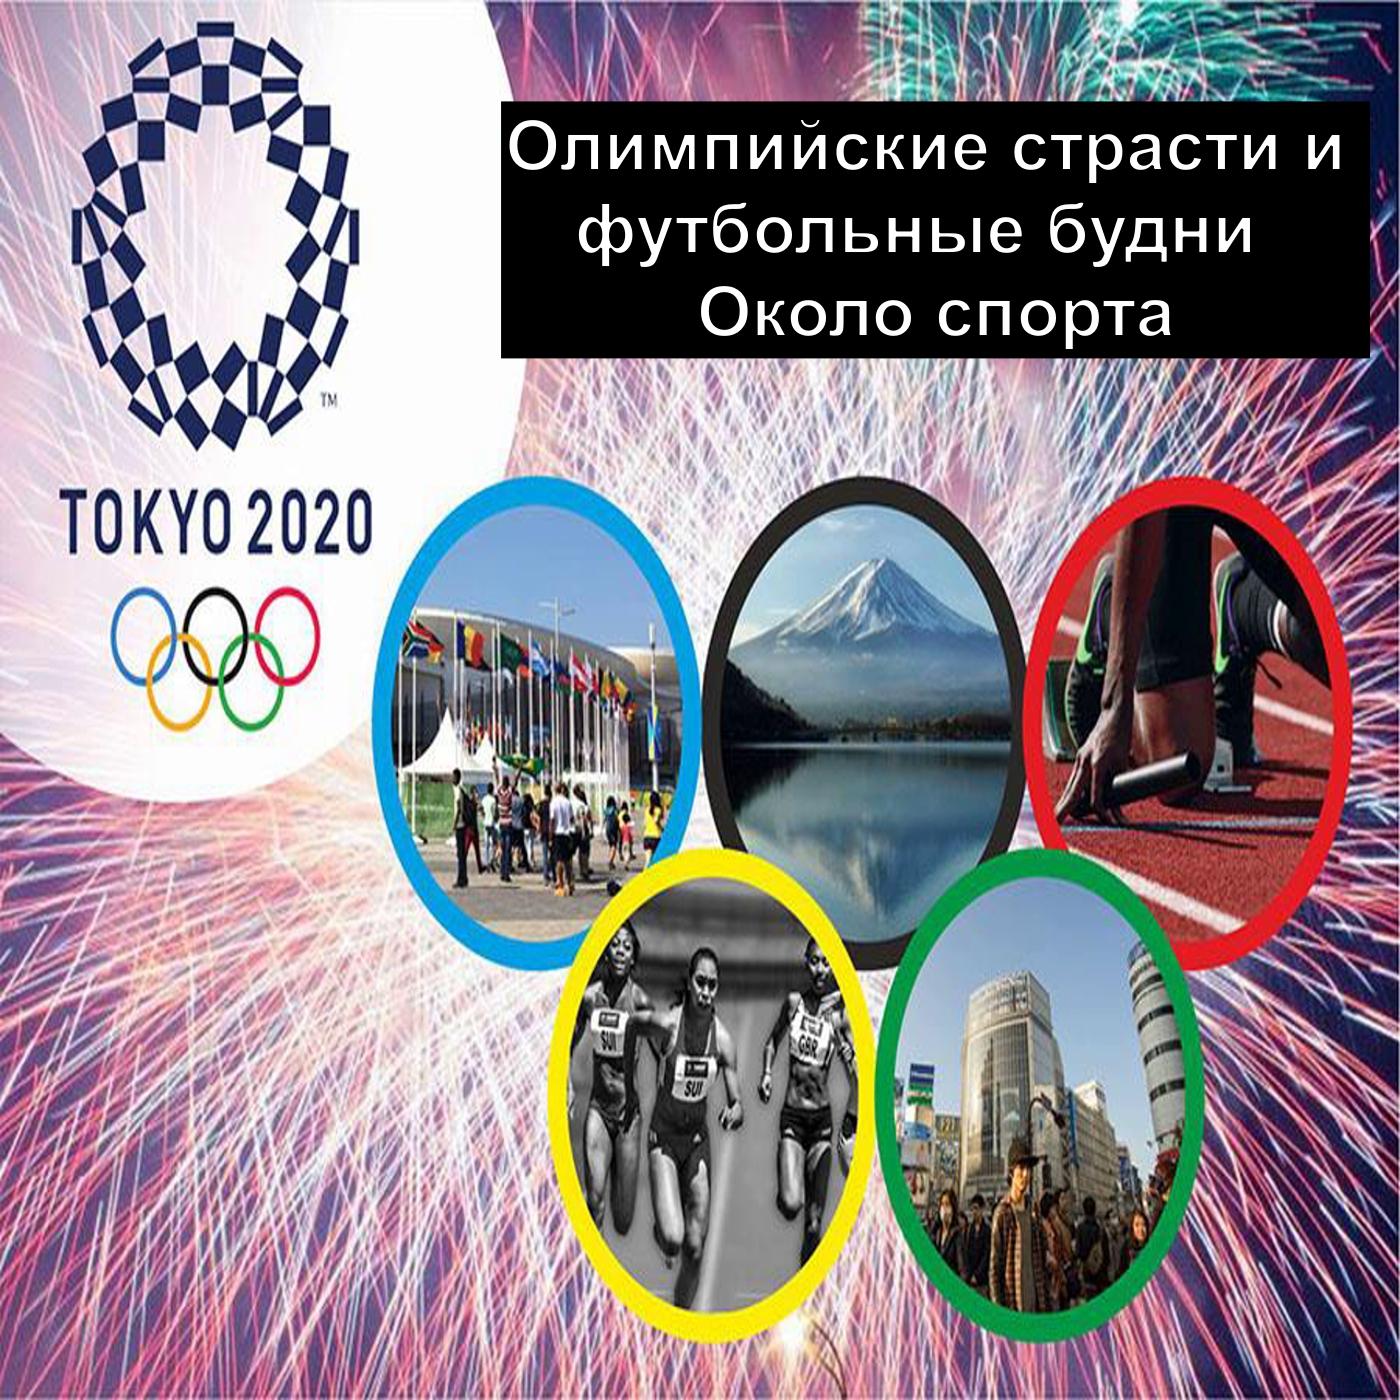 Олимпийские страсти и футбольные будни - Около спорта